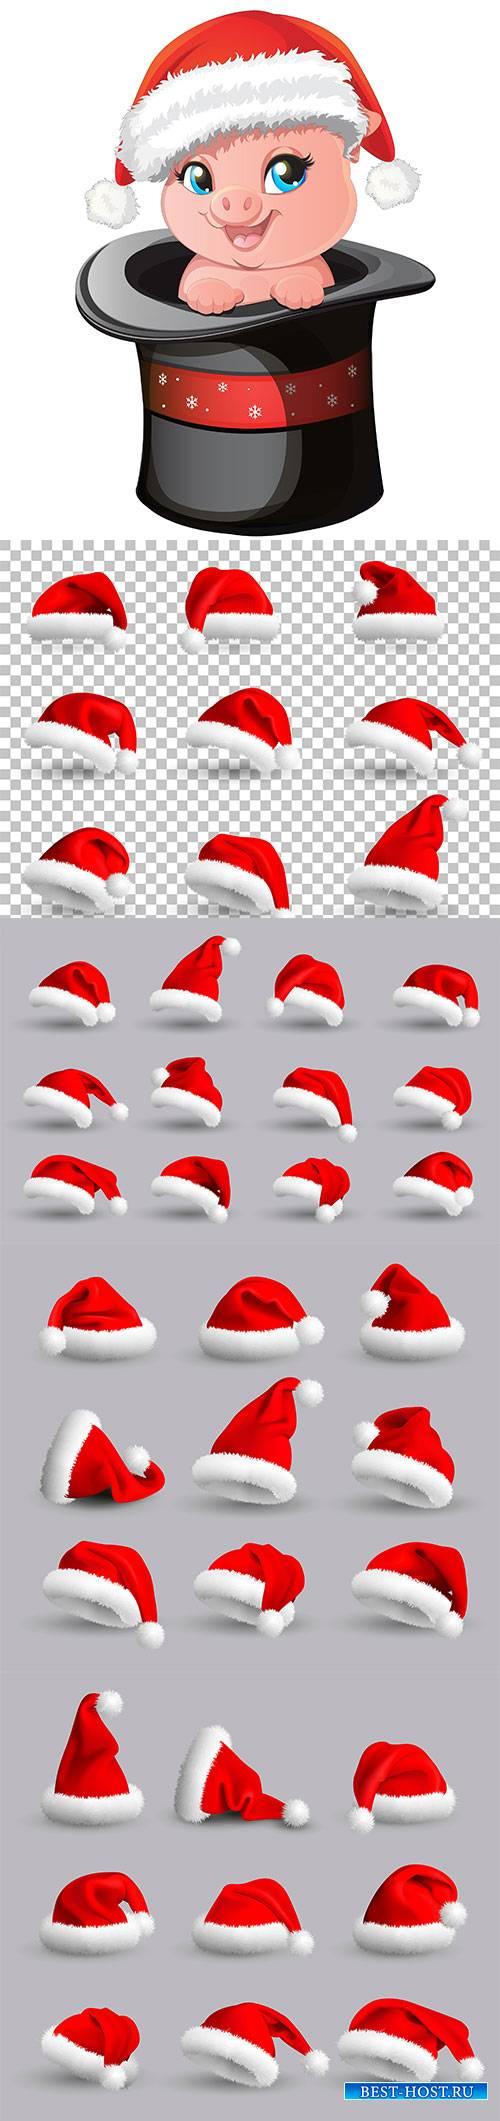 Santa Claus Christmas Hats